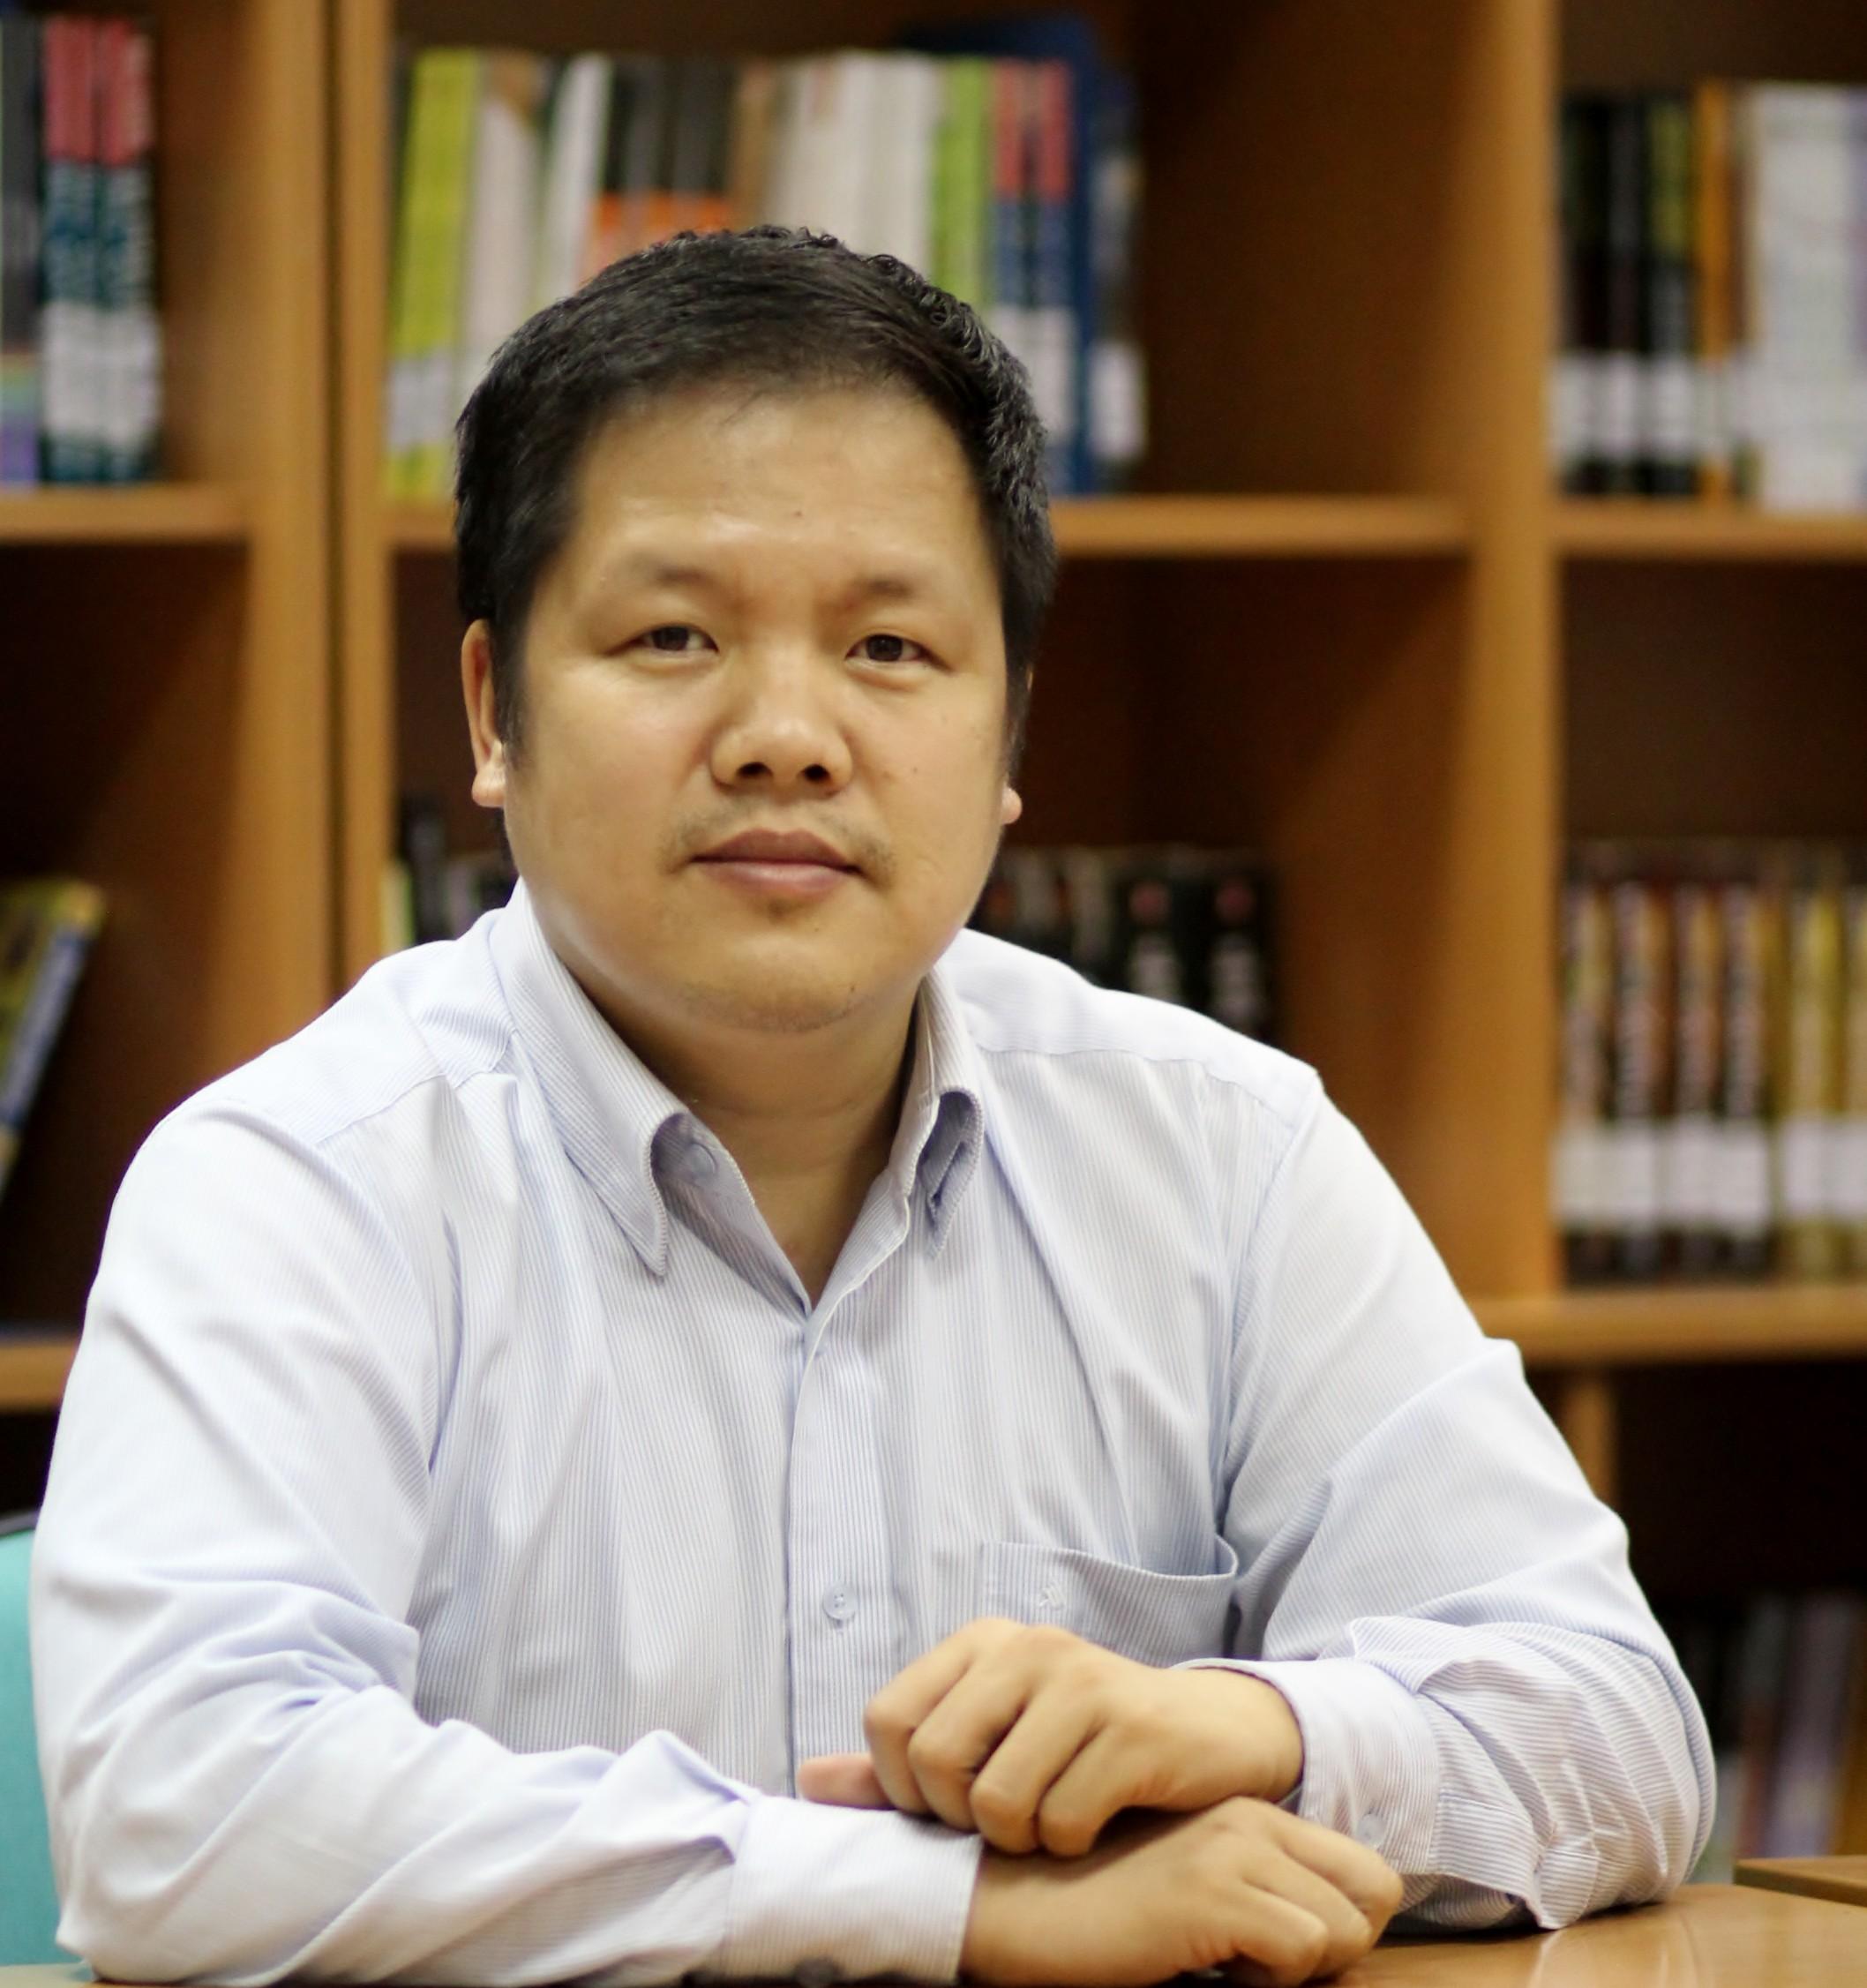 TS Dam Quang Minh hieu truong DH FPT - ĐH FPT bổ nhiệm hiệu trưởng 35 tuổi